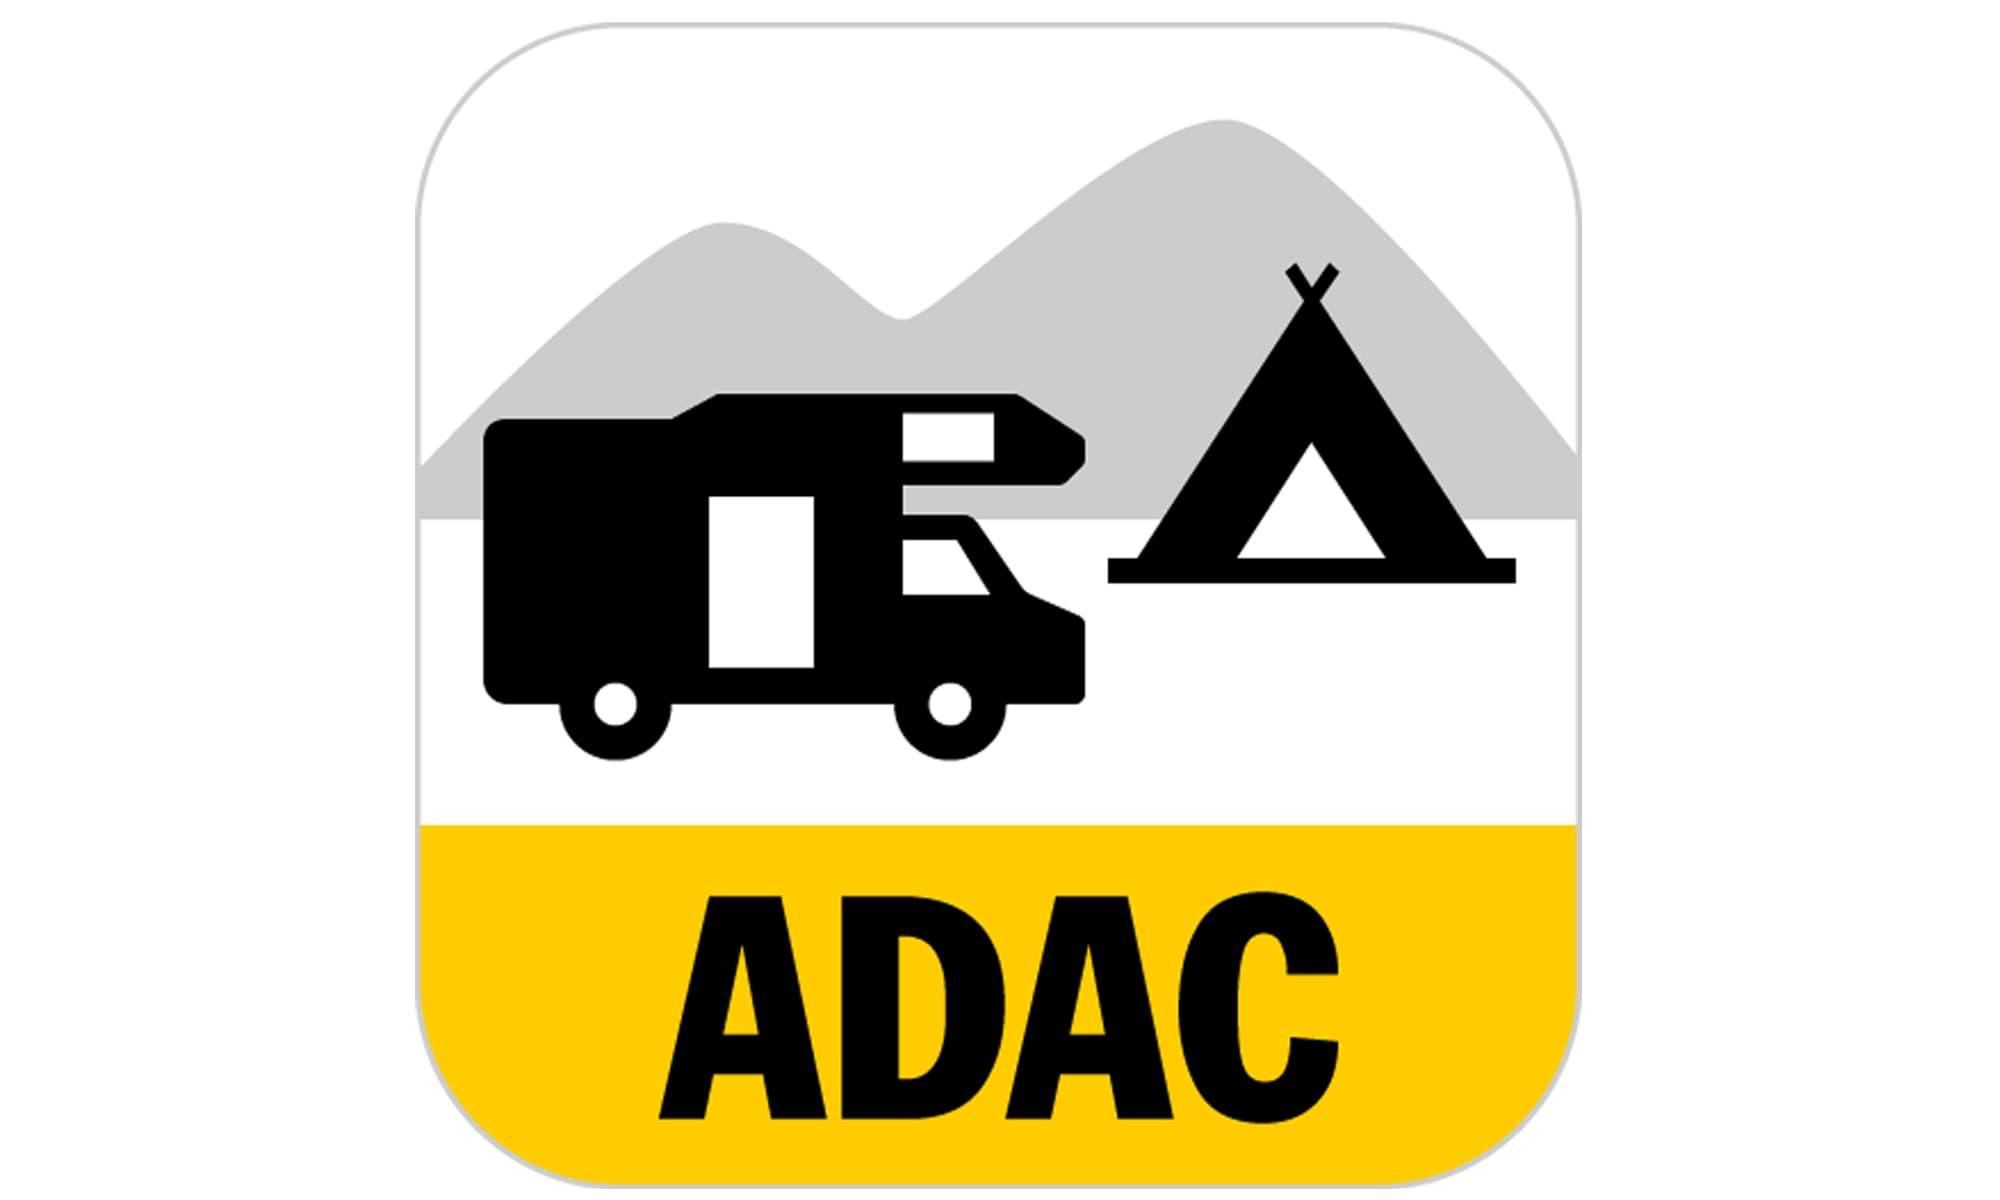 adac camping und reiseführer app 2018